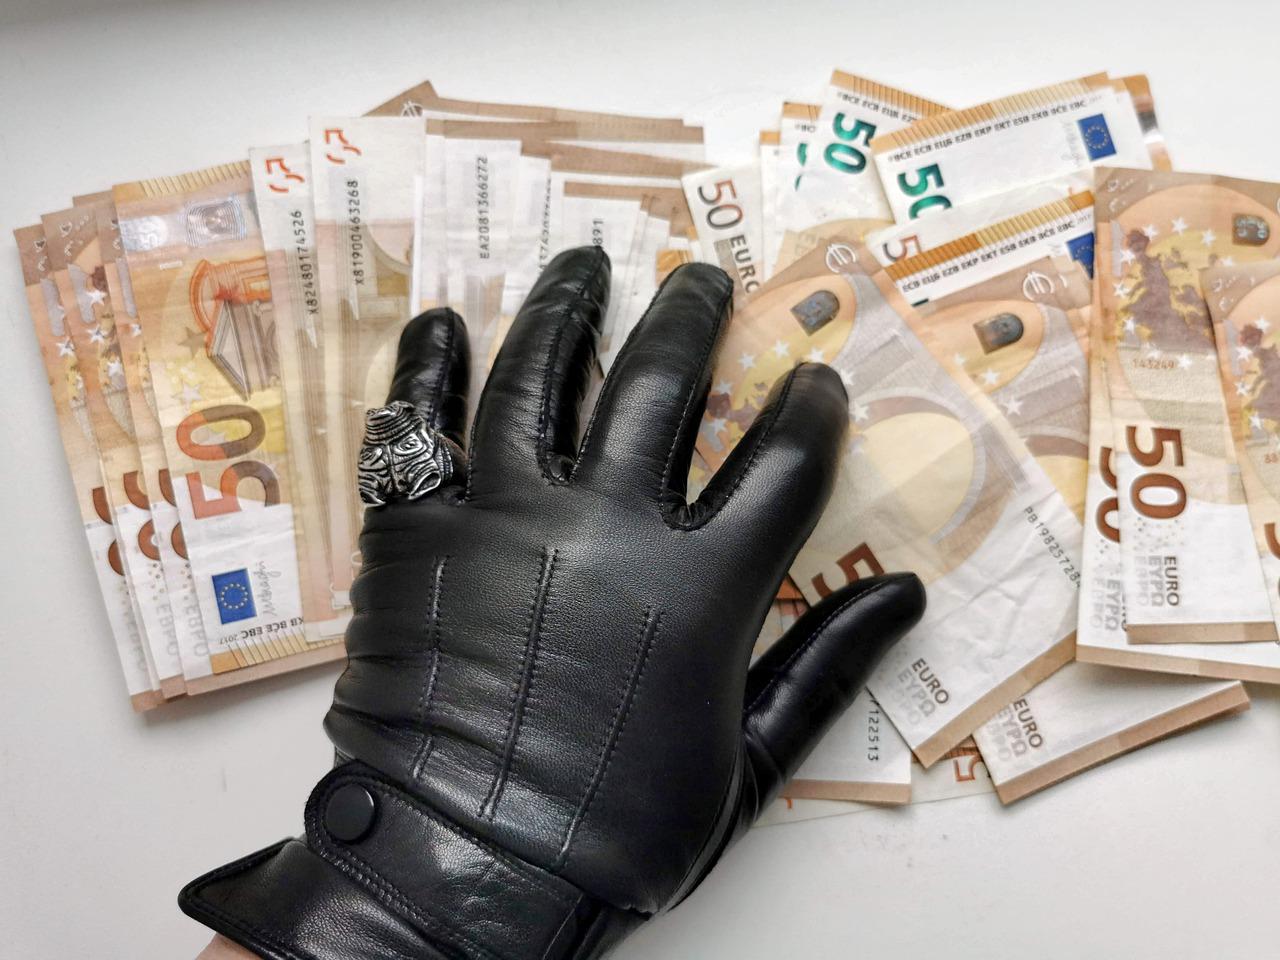 Діджиталізація боротьби з корупцією: парламент прийняв новий закон - Корупція, законопроєкт, боротьба з корупцією - gloves 4762177 1280